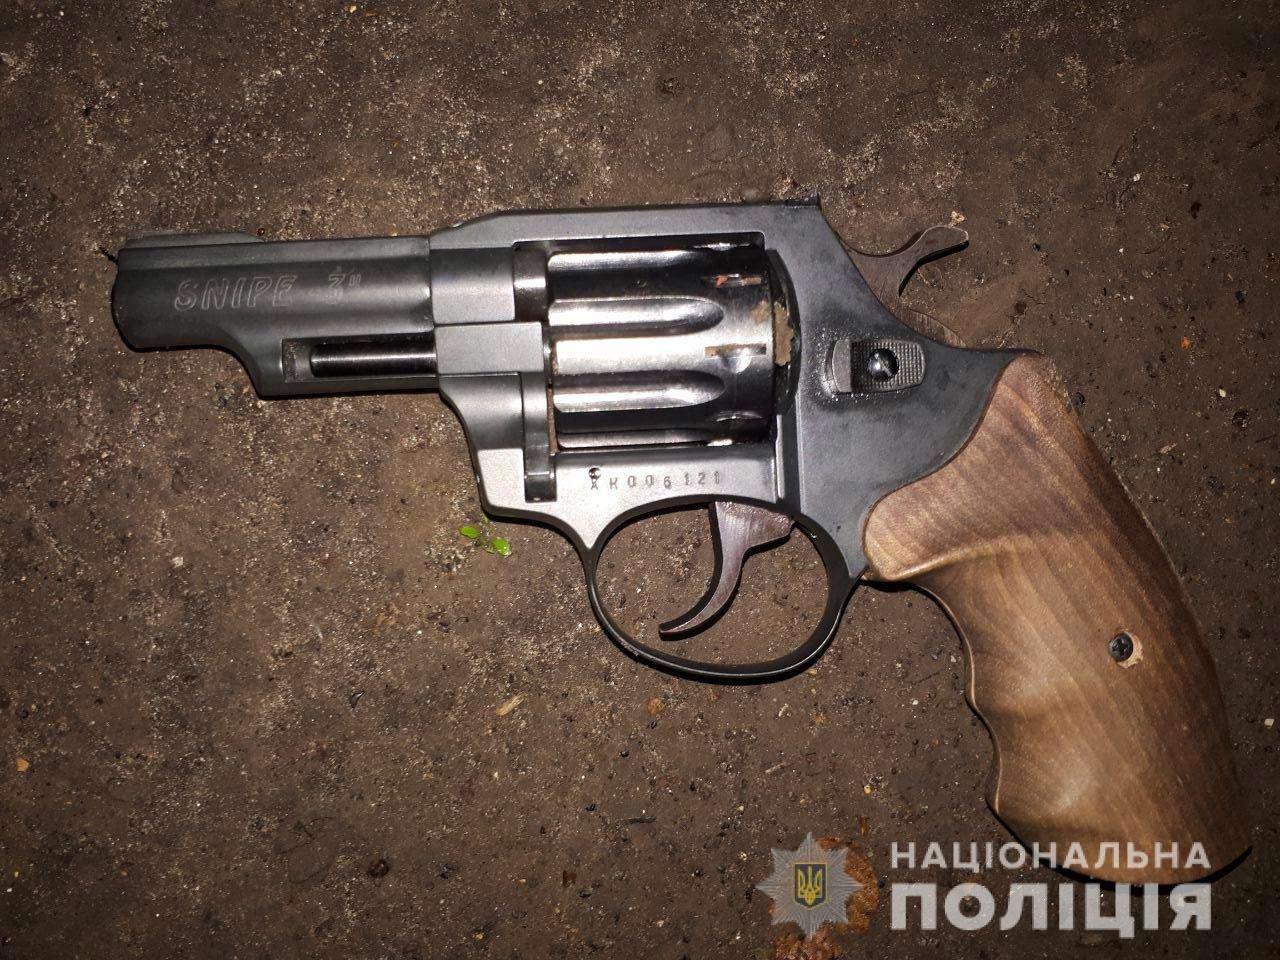 Выстрелив  в голову 17-летней  девушке, парень попытался застрелиться, - ФОТО, фото-1